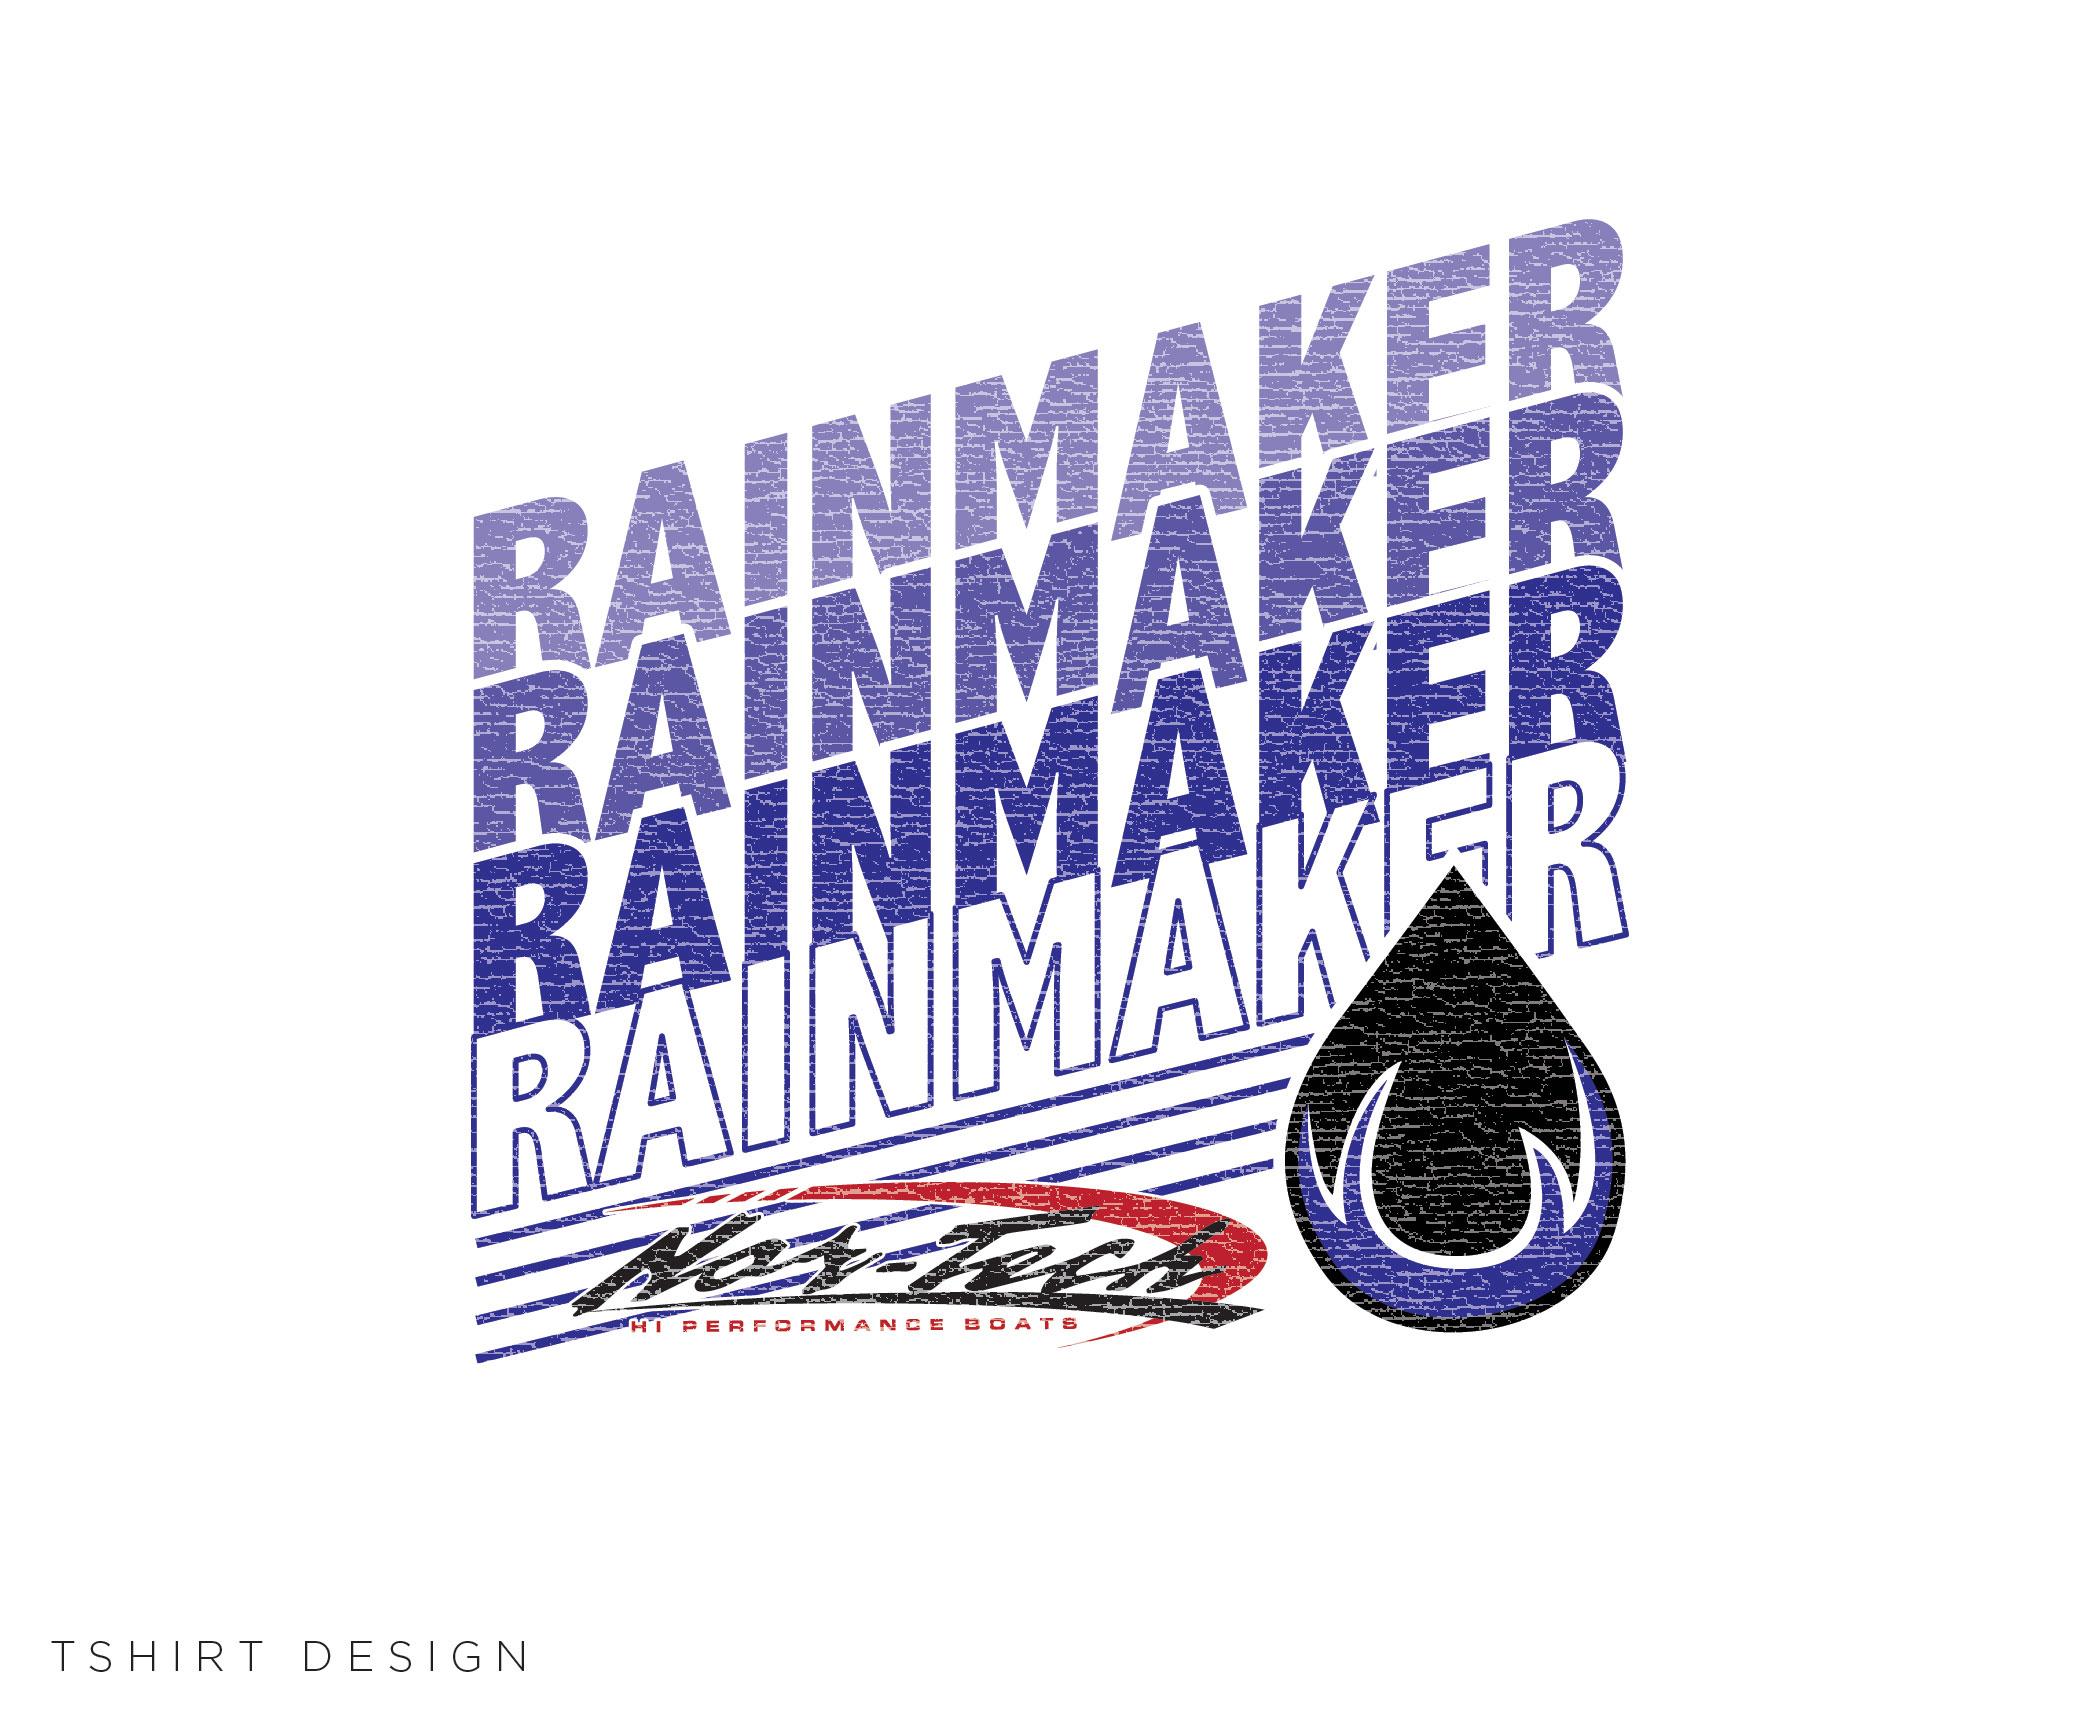 RM_tshirt2-01-01.jpg